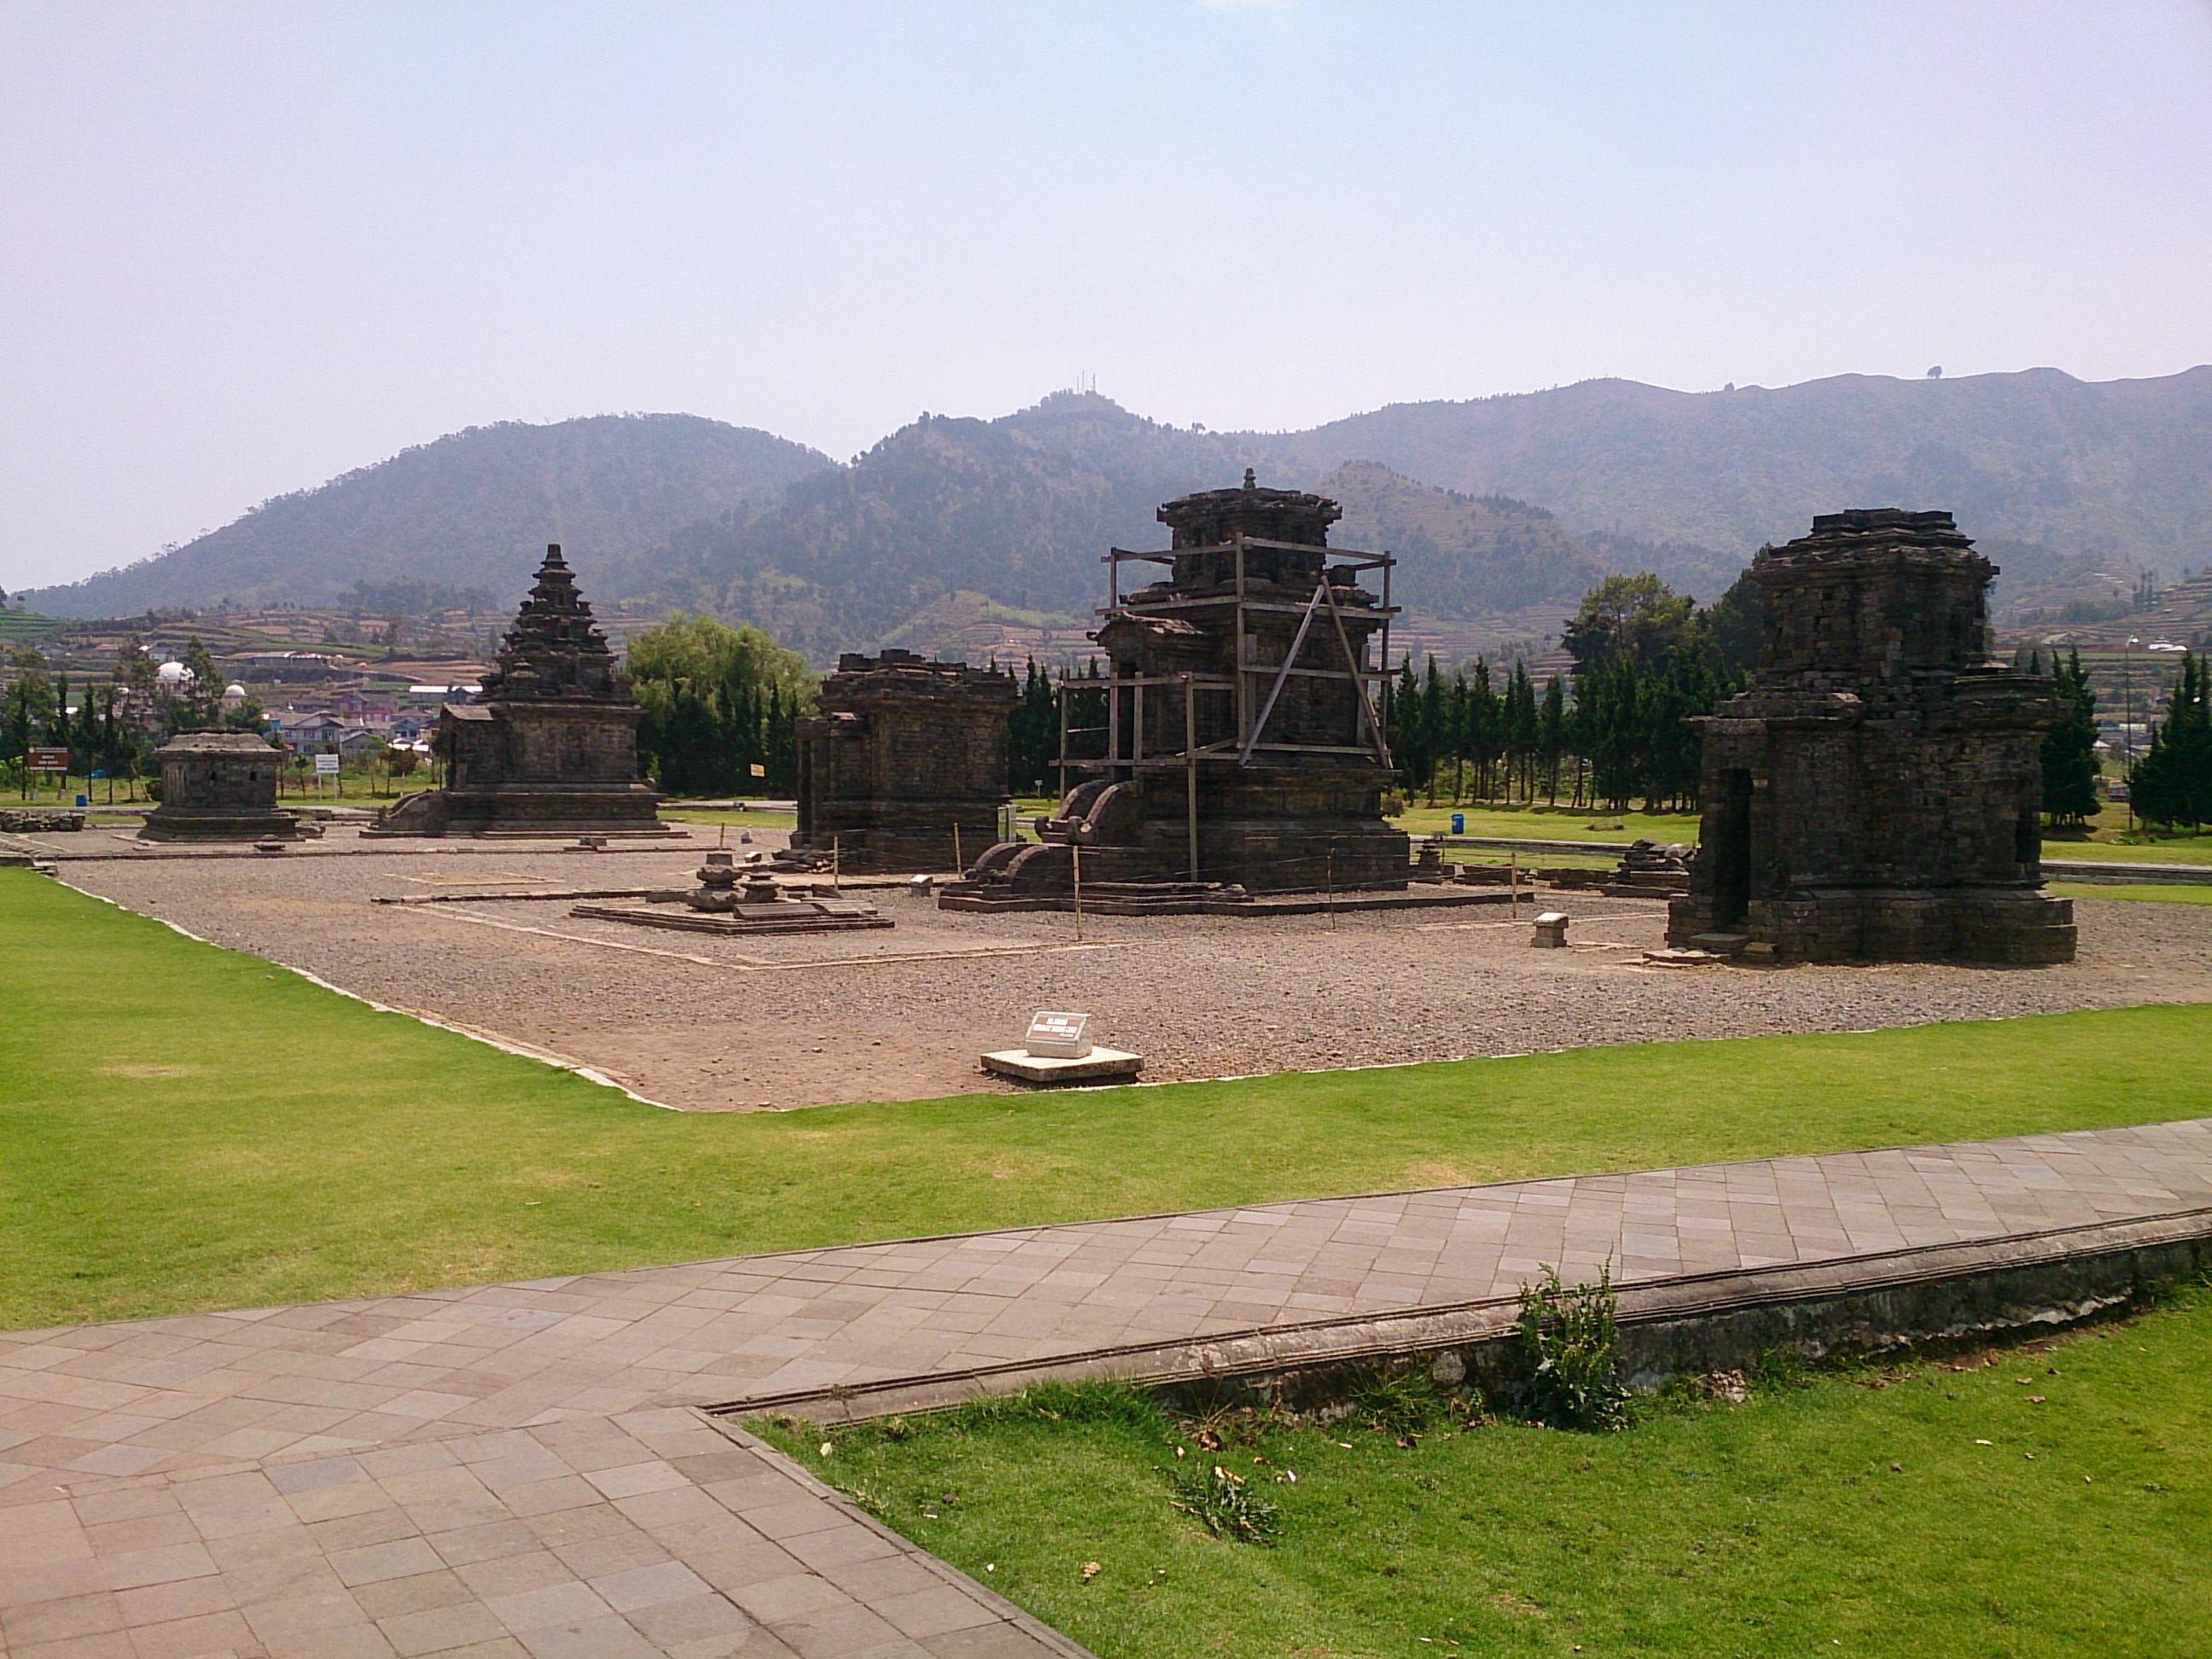 神々の聖所に残るヒンドゥーの聖地跡・アルジュナ遺跡